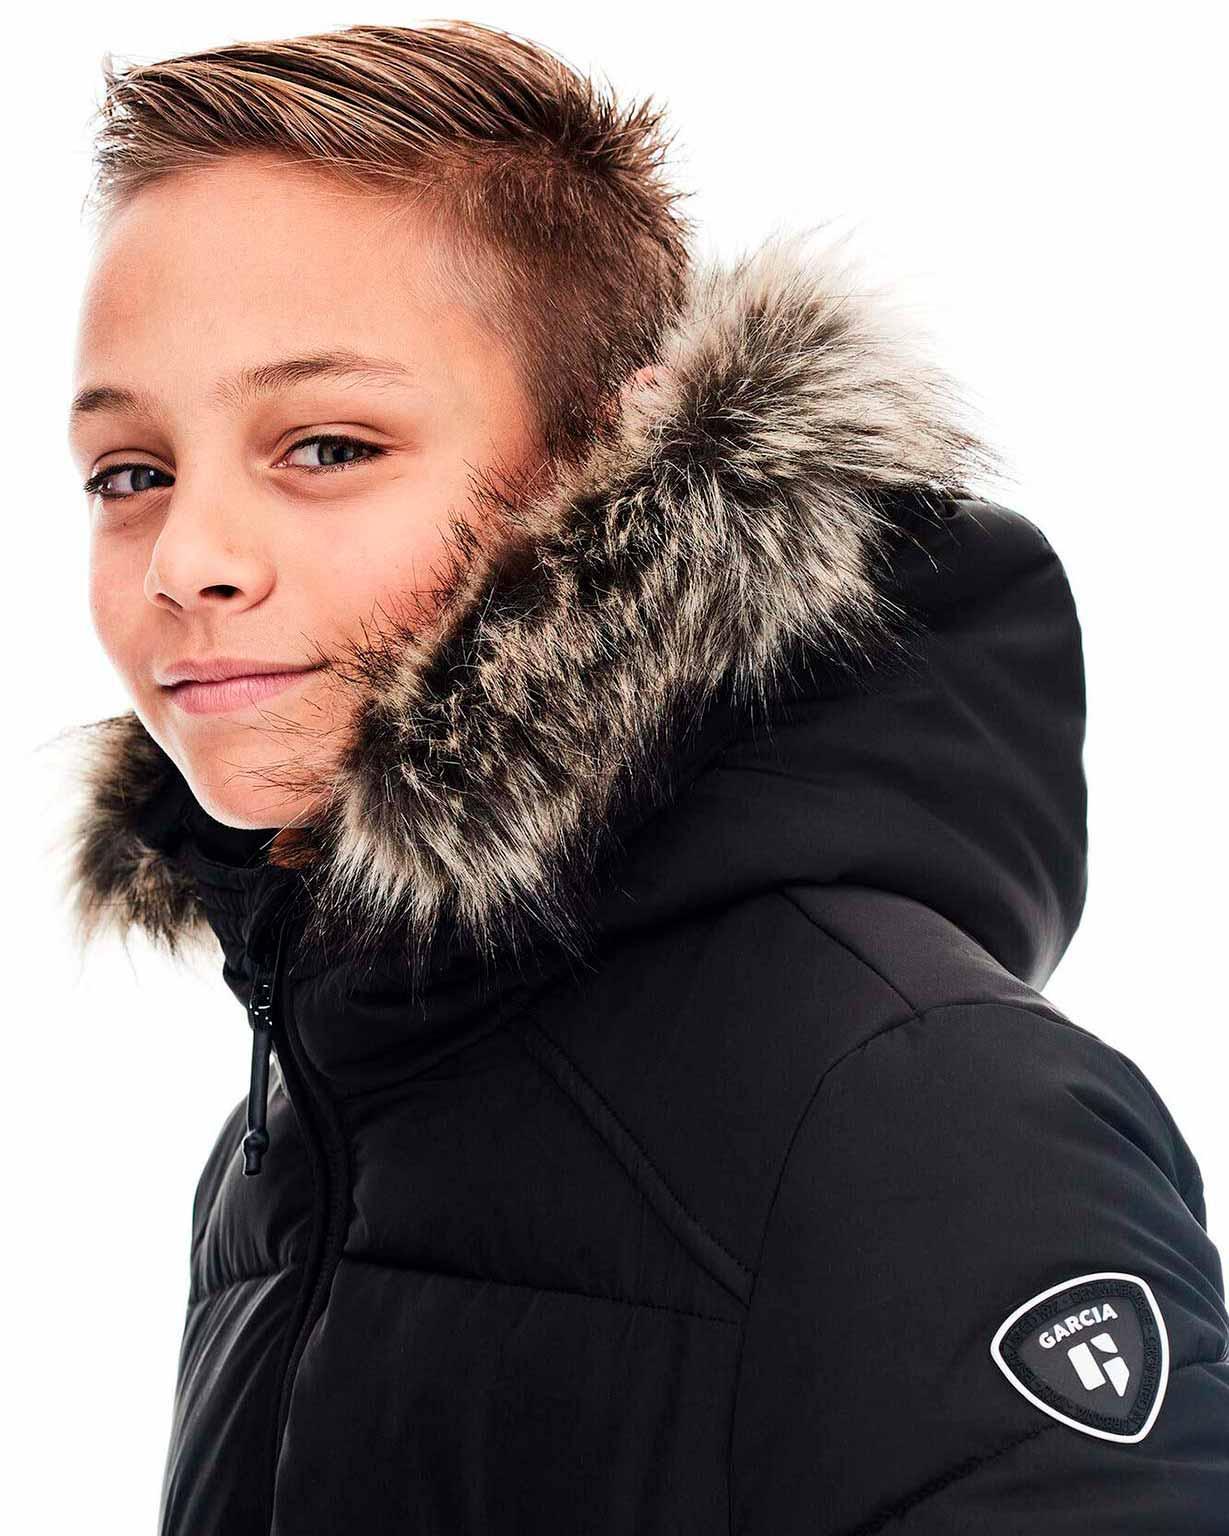 Vinterjakke og overtøj til teens drenge - stort udvalg hos teenstyle.dk